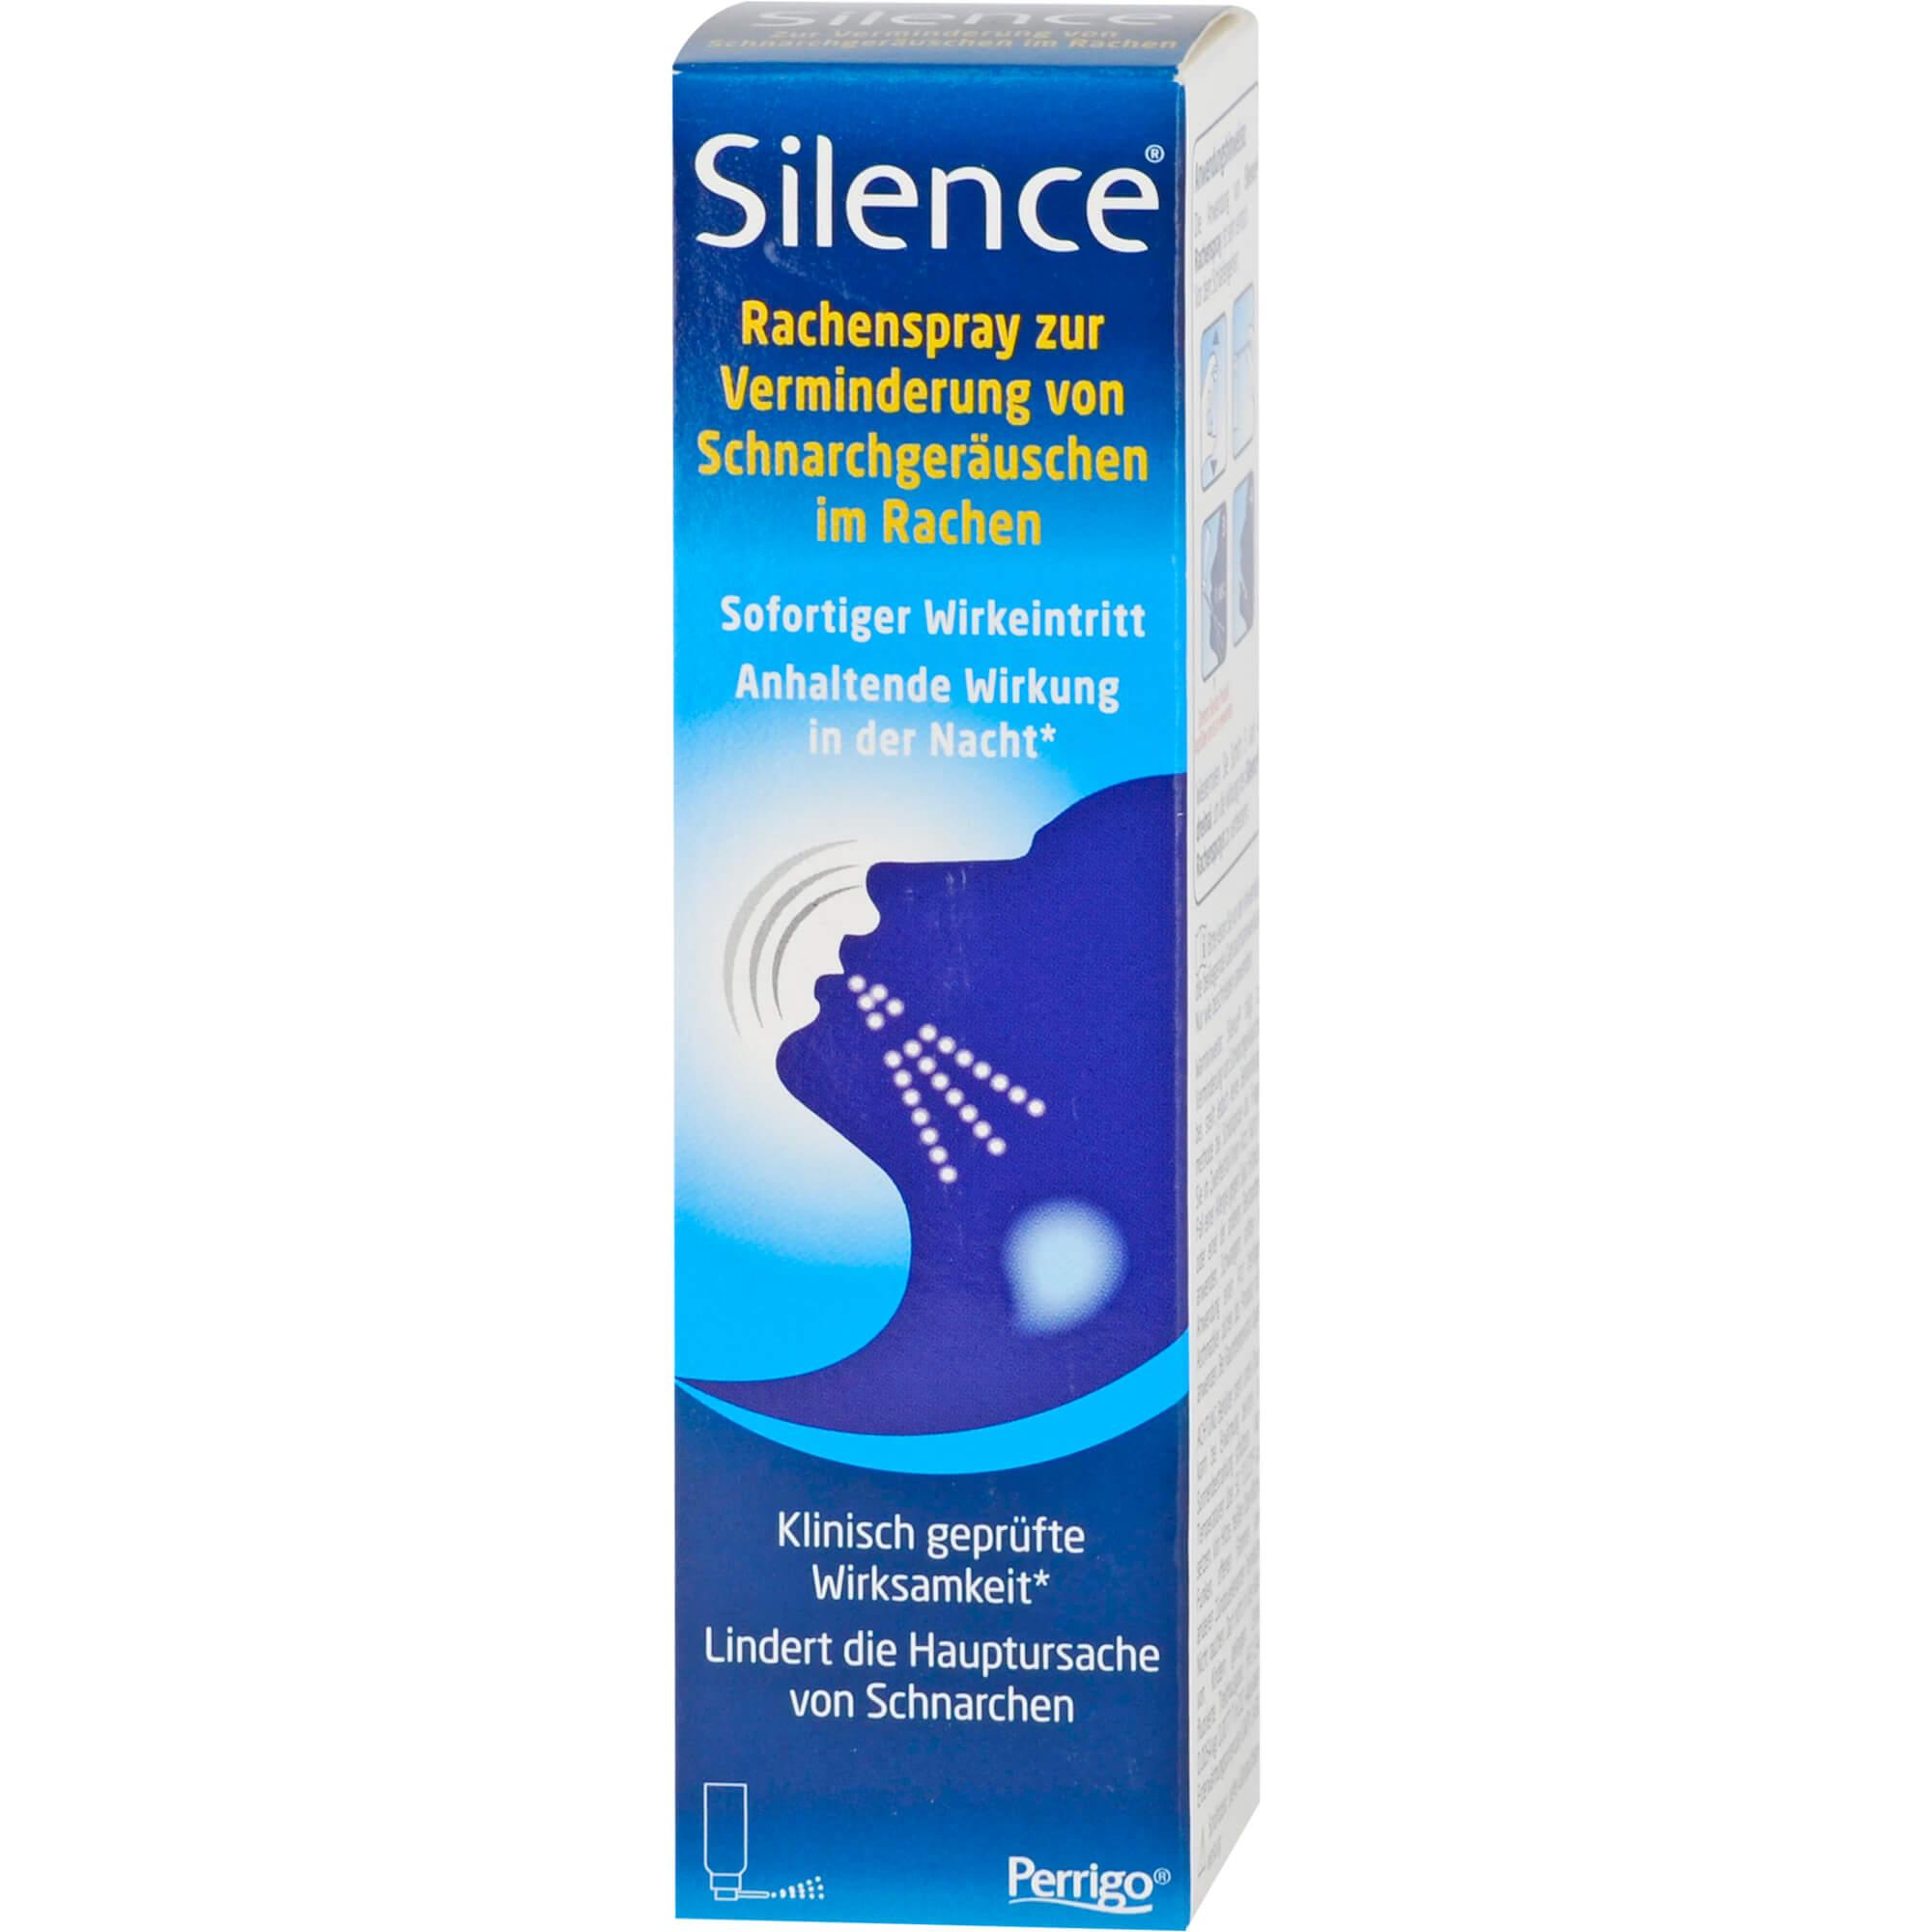 SILENCE Rachenspray